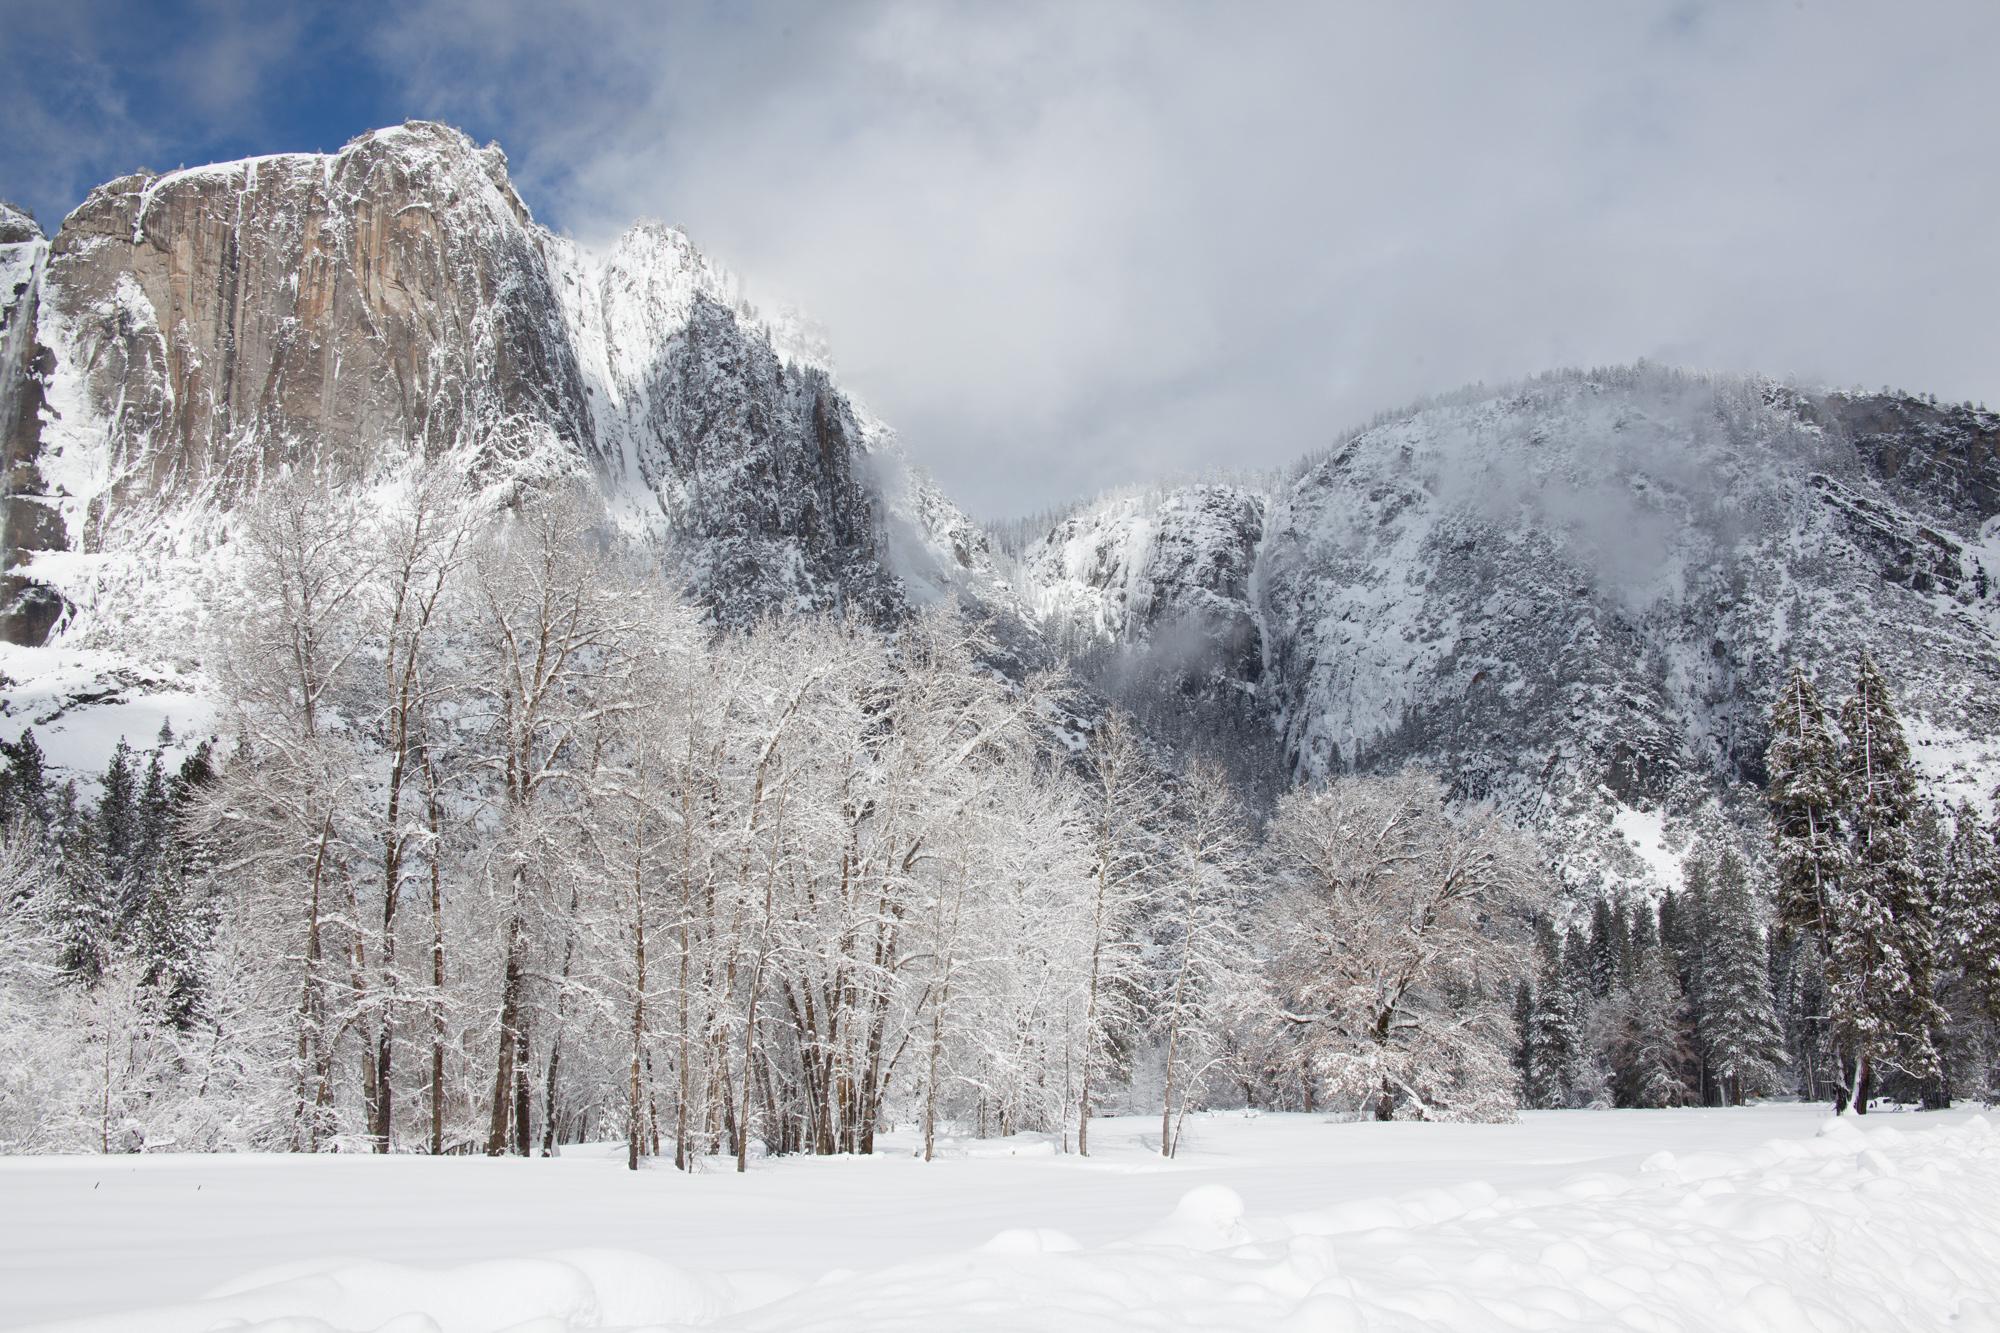 2019-02 Yosemite-11.jpg